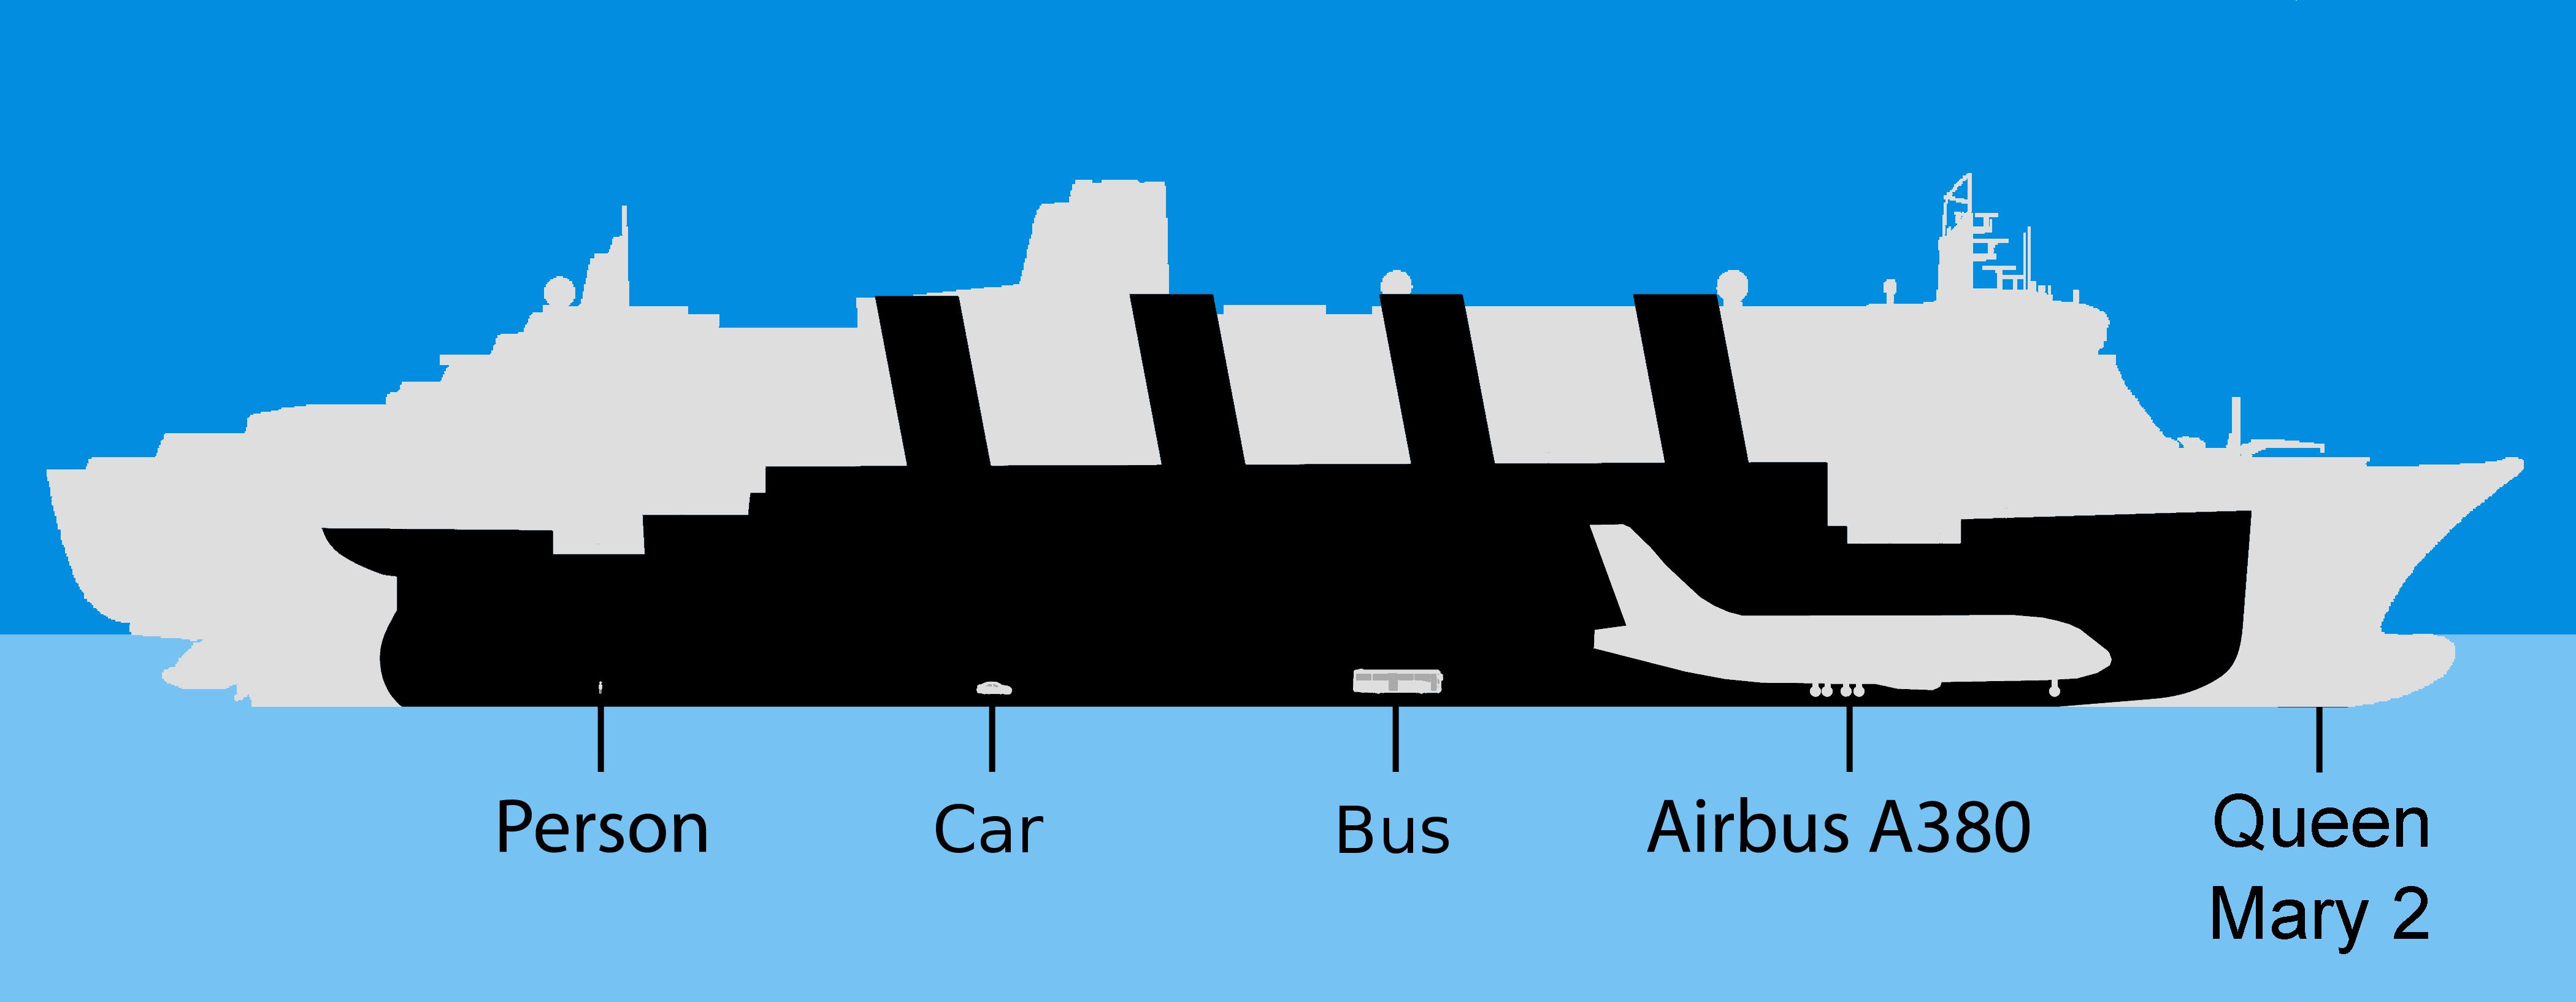 titanic größenvergleich